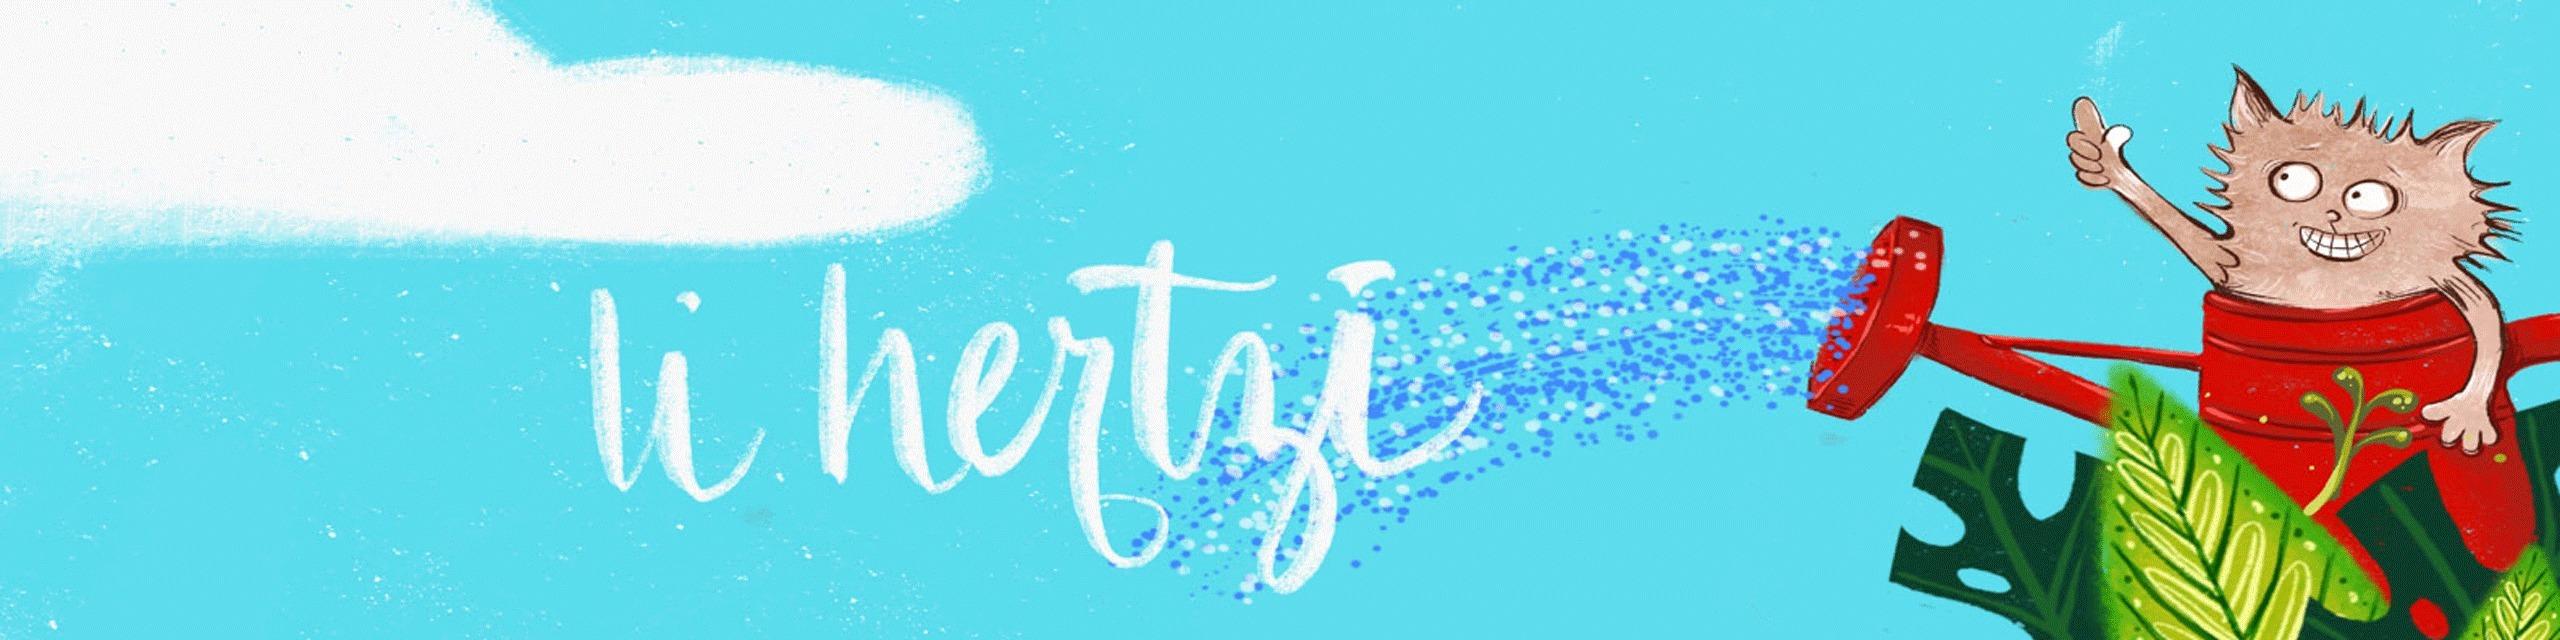 Li Hertzi (@lihertzi) Cover Image